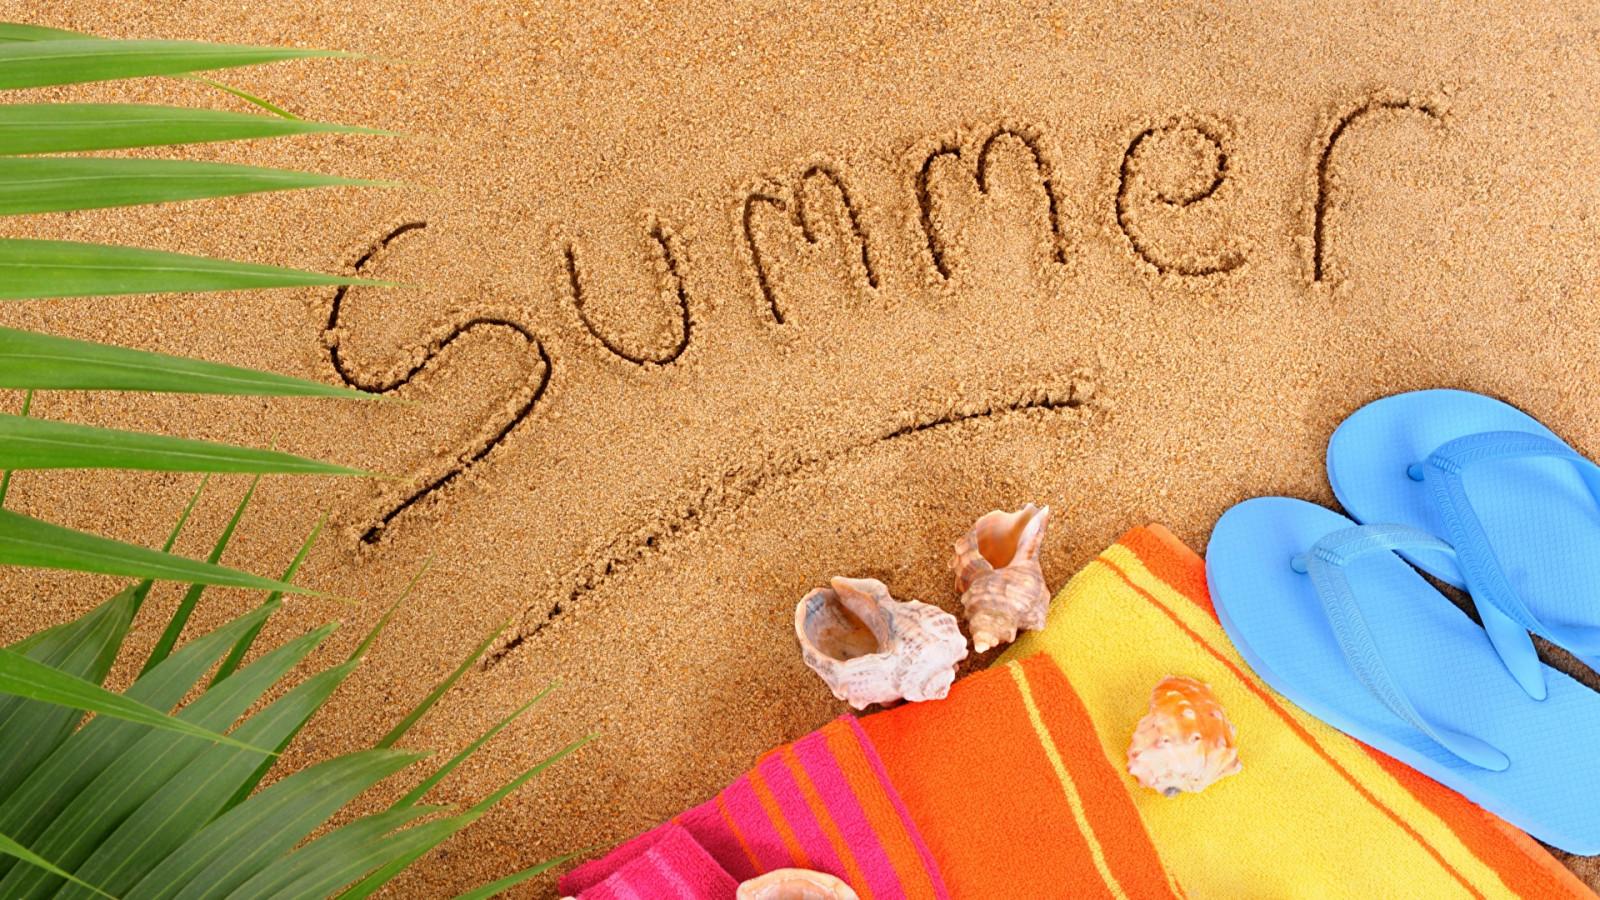 Днем рождения, мои летние каникулы картинки с надписями